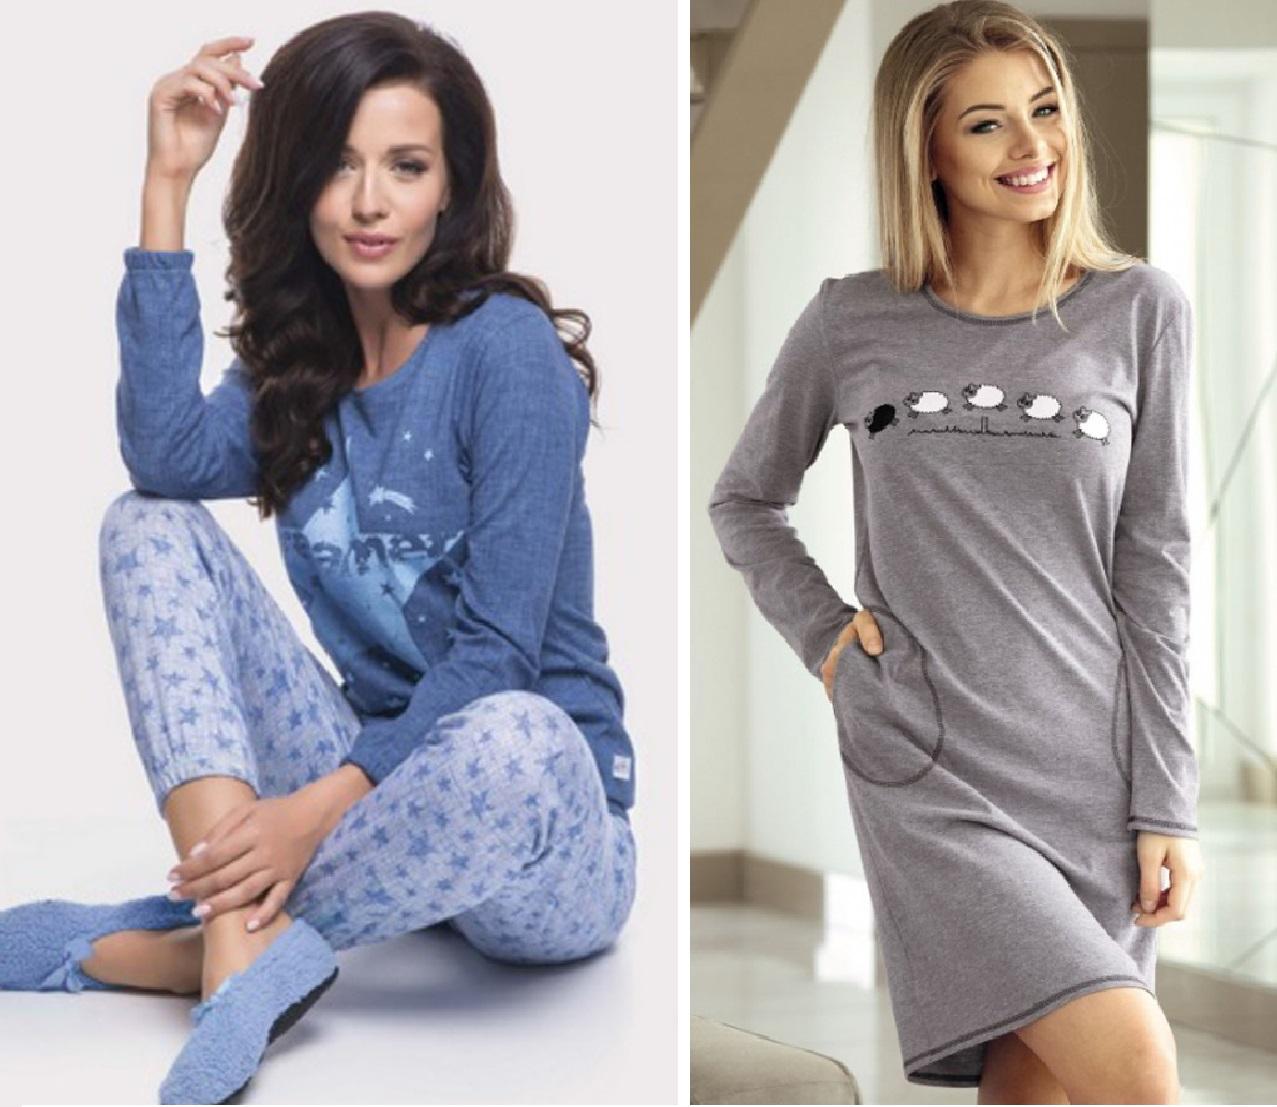 Женские сорочки женские пижамы купить в интернет-магазине Киев